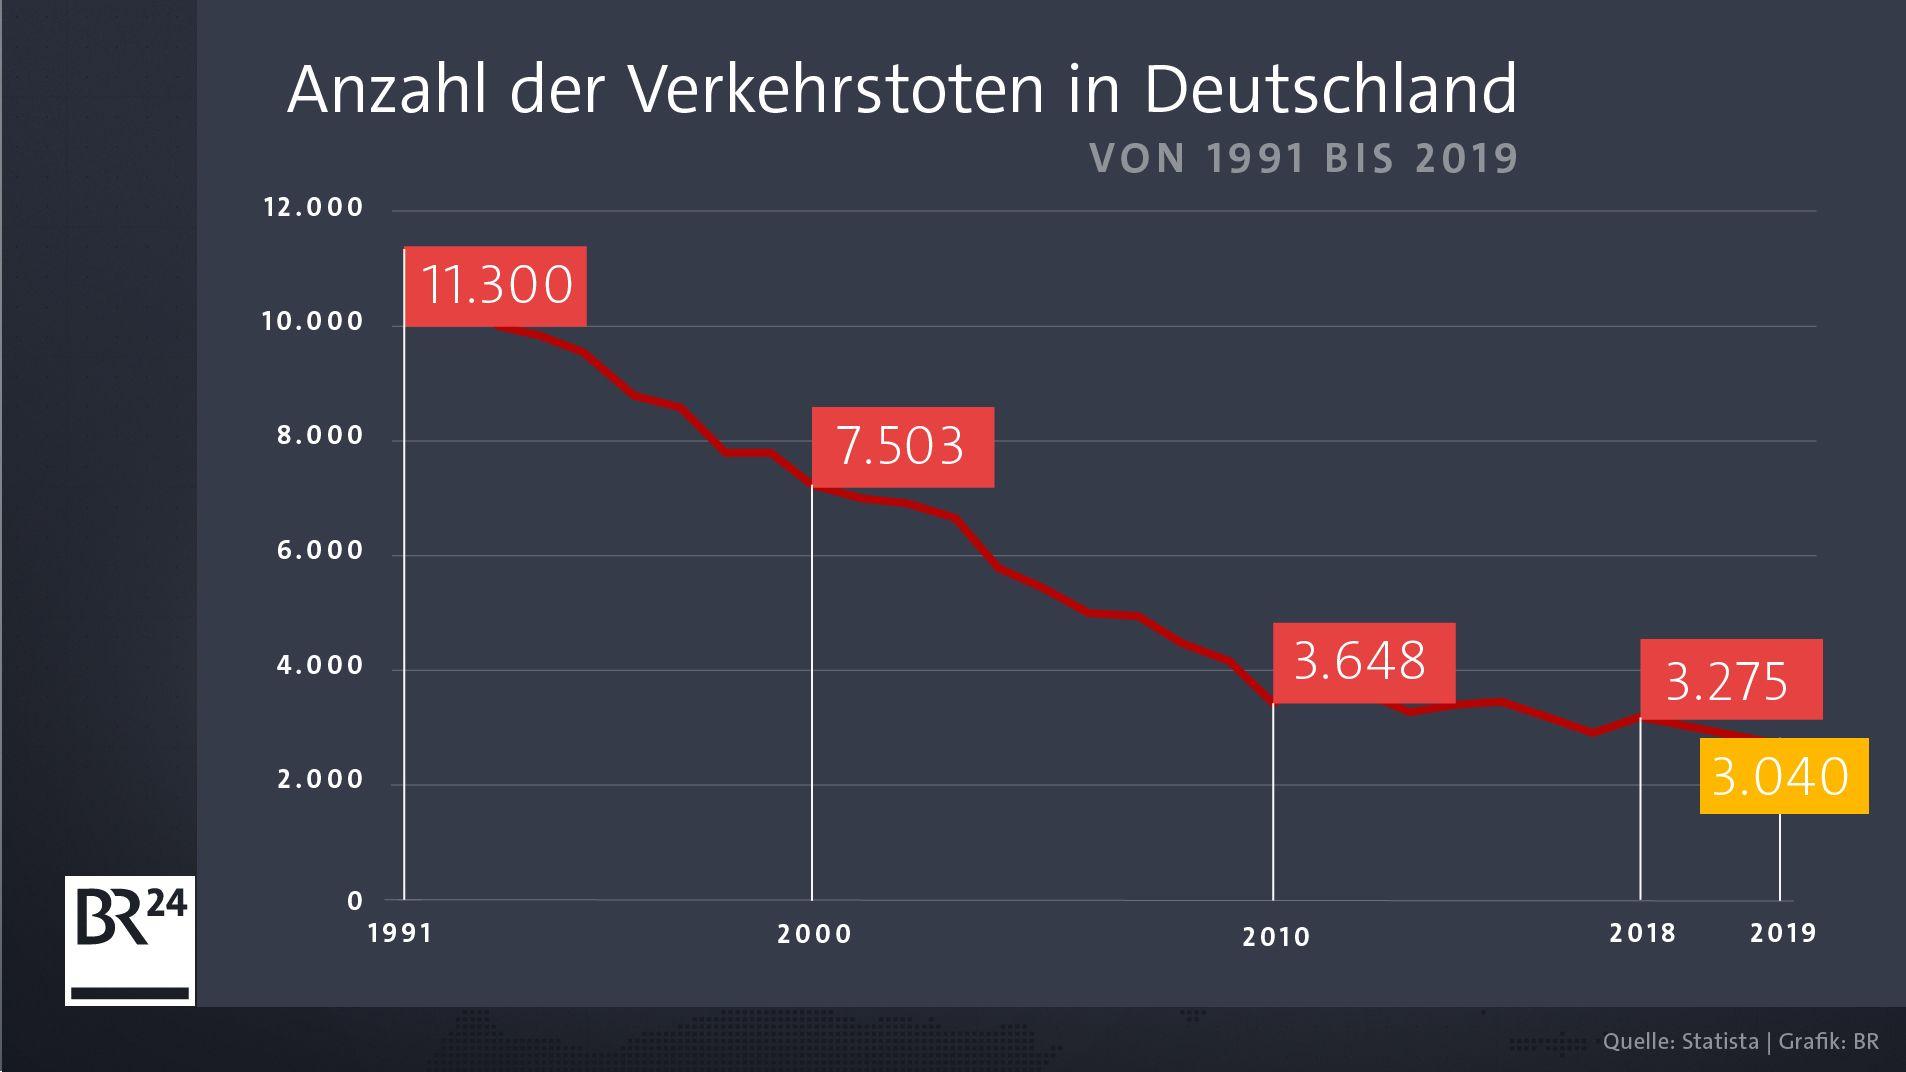 Anzahl der Verkehrstoten in Deutschland